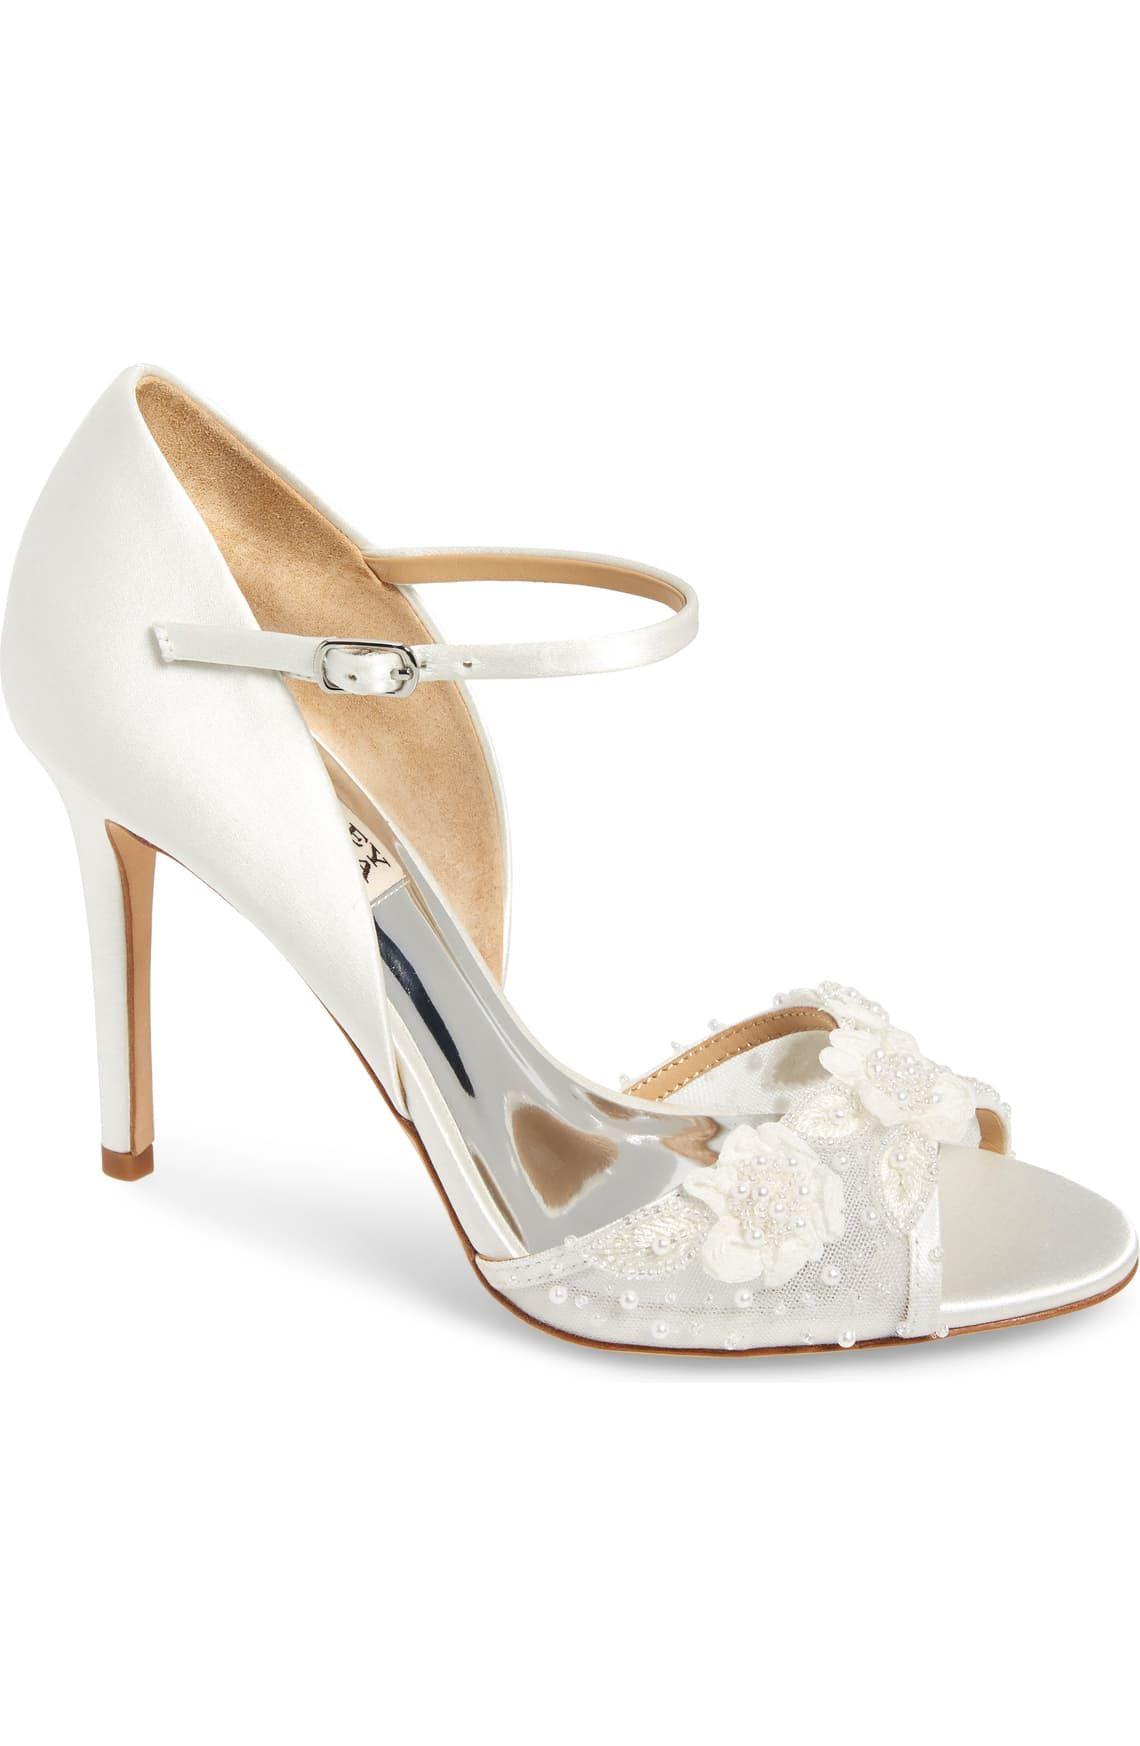 Badgley Mischka Carter Beaded Pump Women Nordstrom In 2020 Badgley Mischka Shoes Wedding Women S Pumps Stiletto Heels